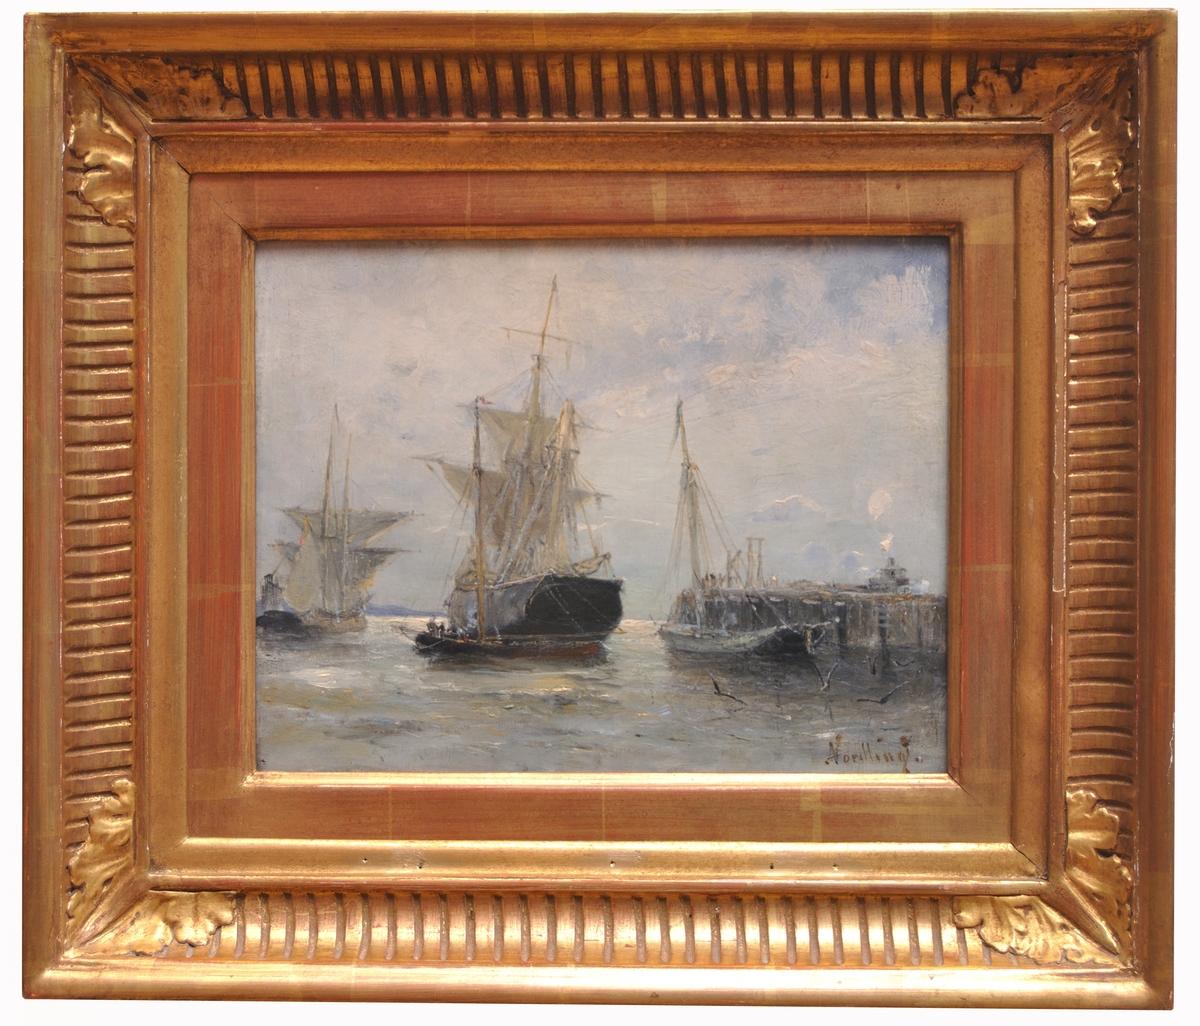 """Oljemålning """"Marin"""" av Adolf Nordling föreställande flera skepp /  segelfartyg vid hamn. Förgylld ram."""